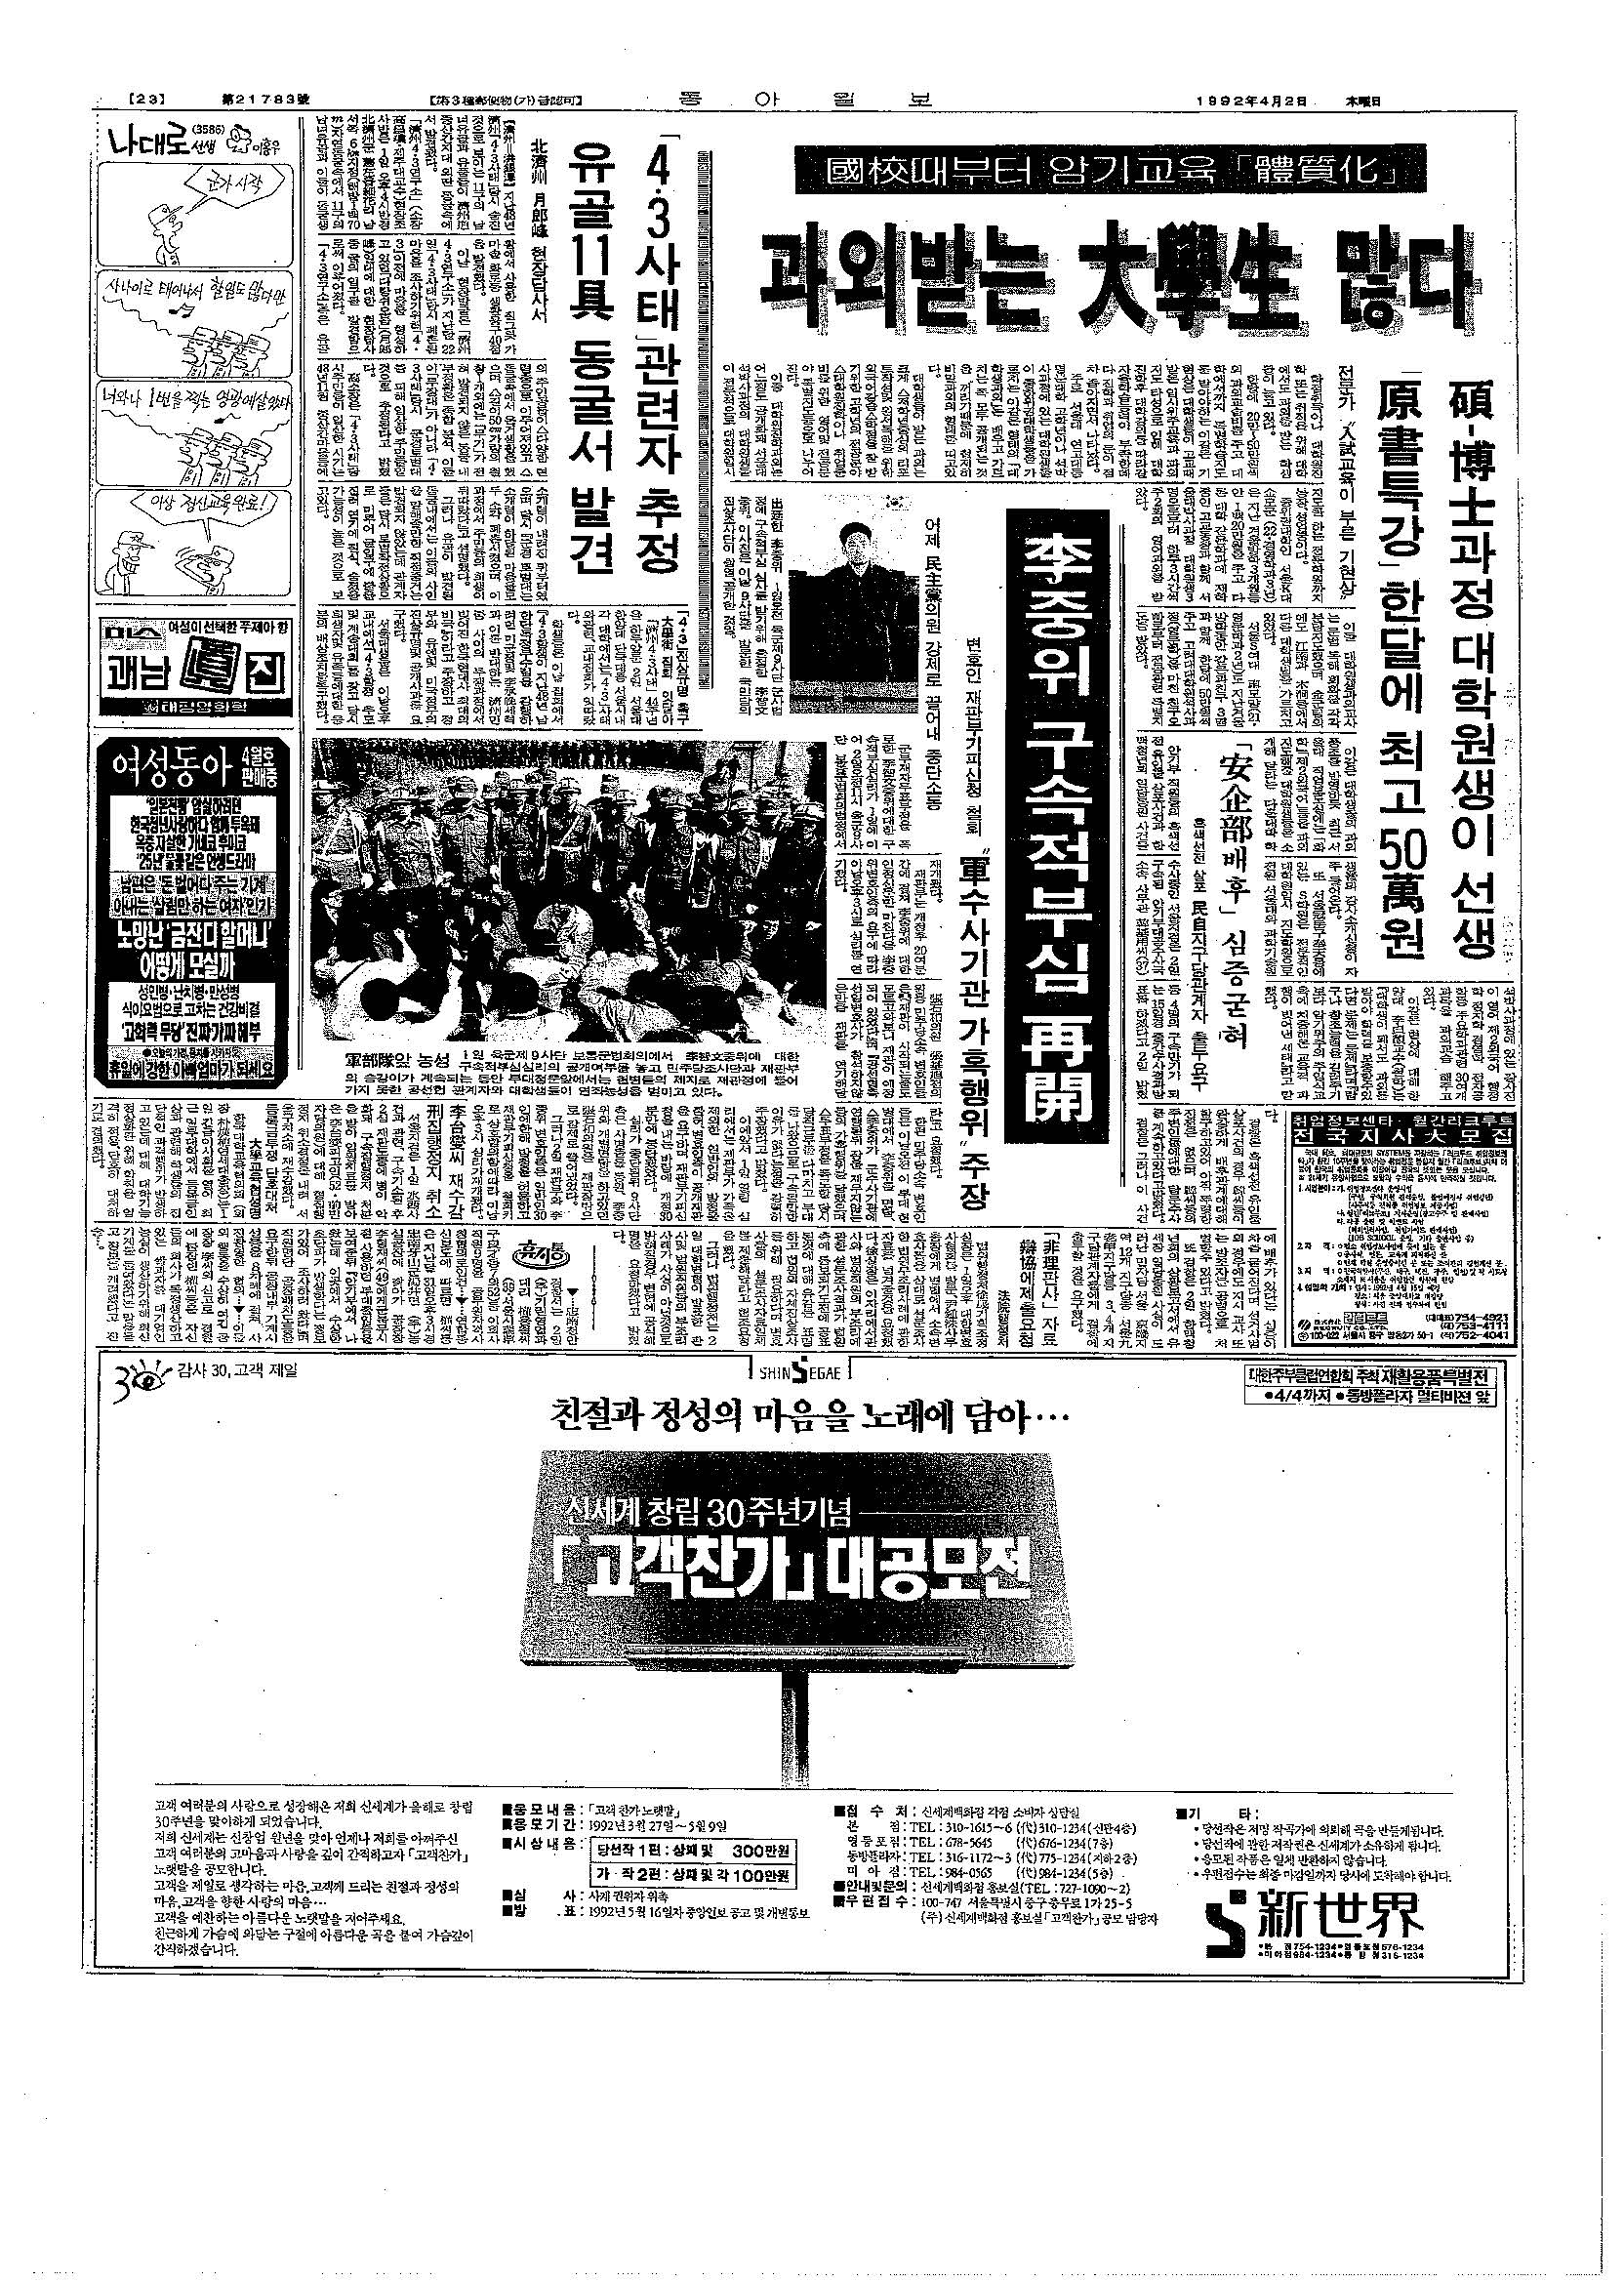 10-4 기사(동아일보,구속적부심재개,920402)